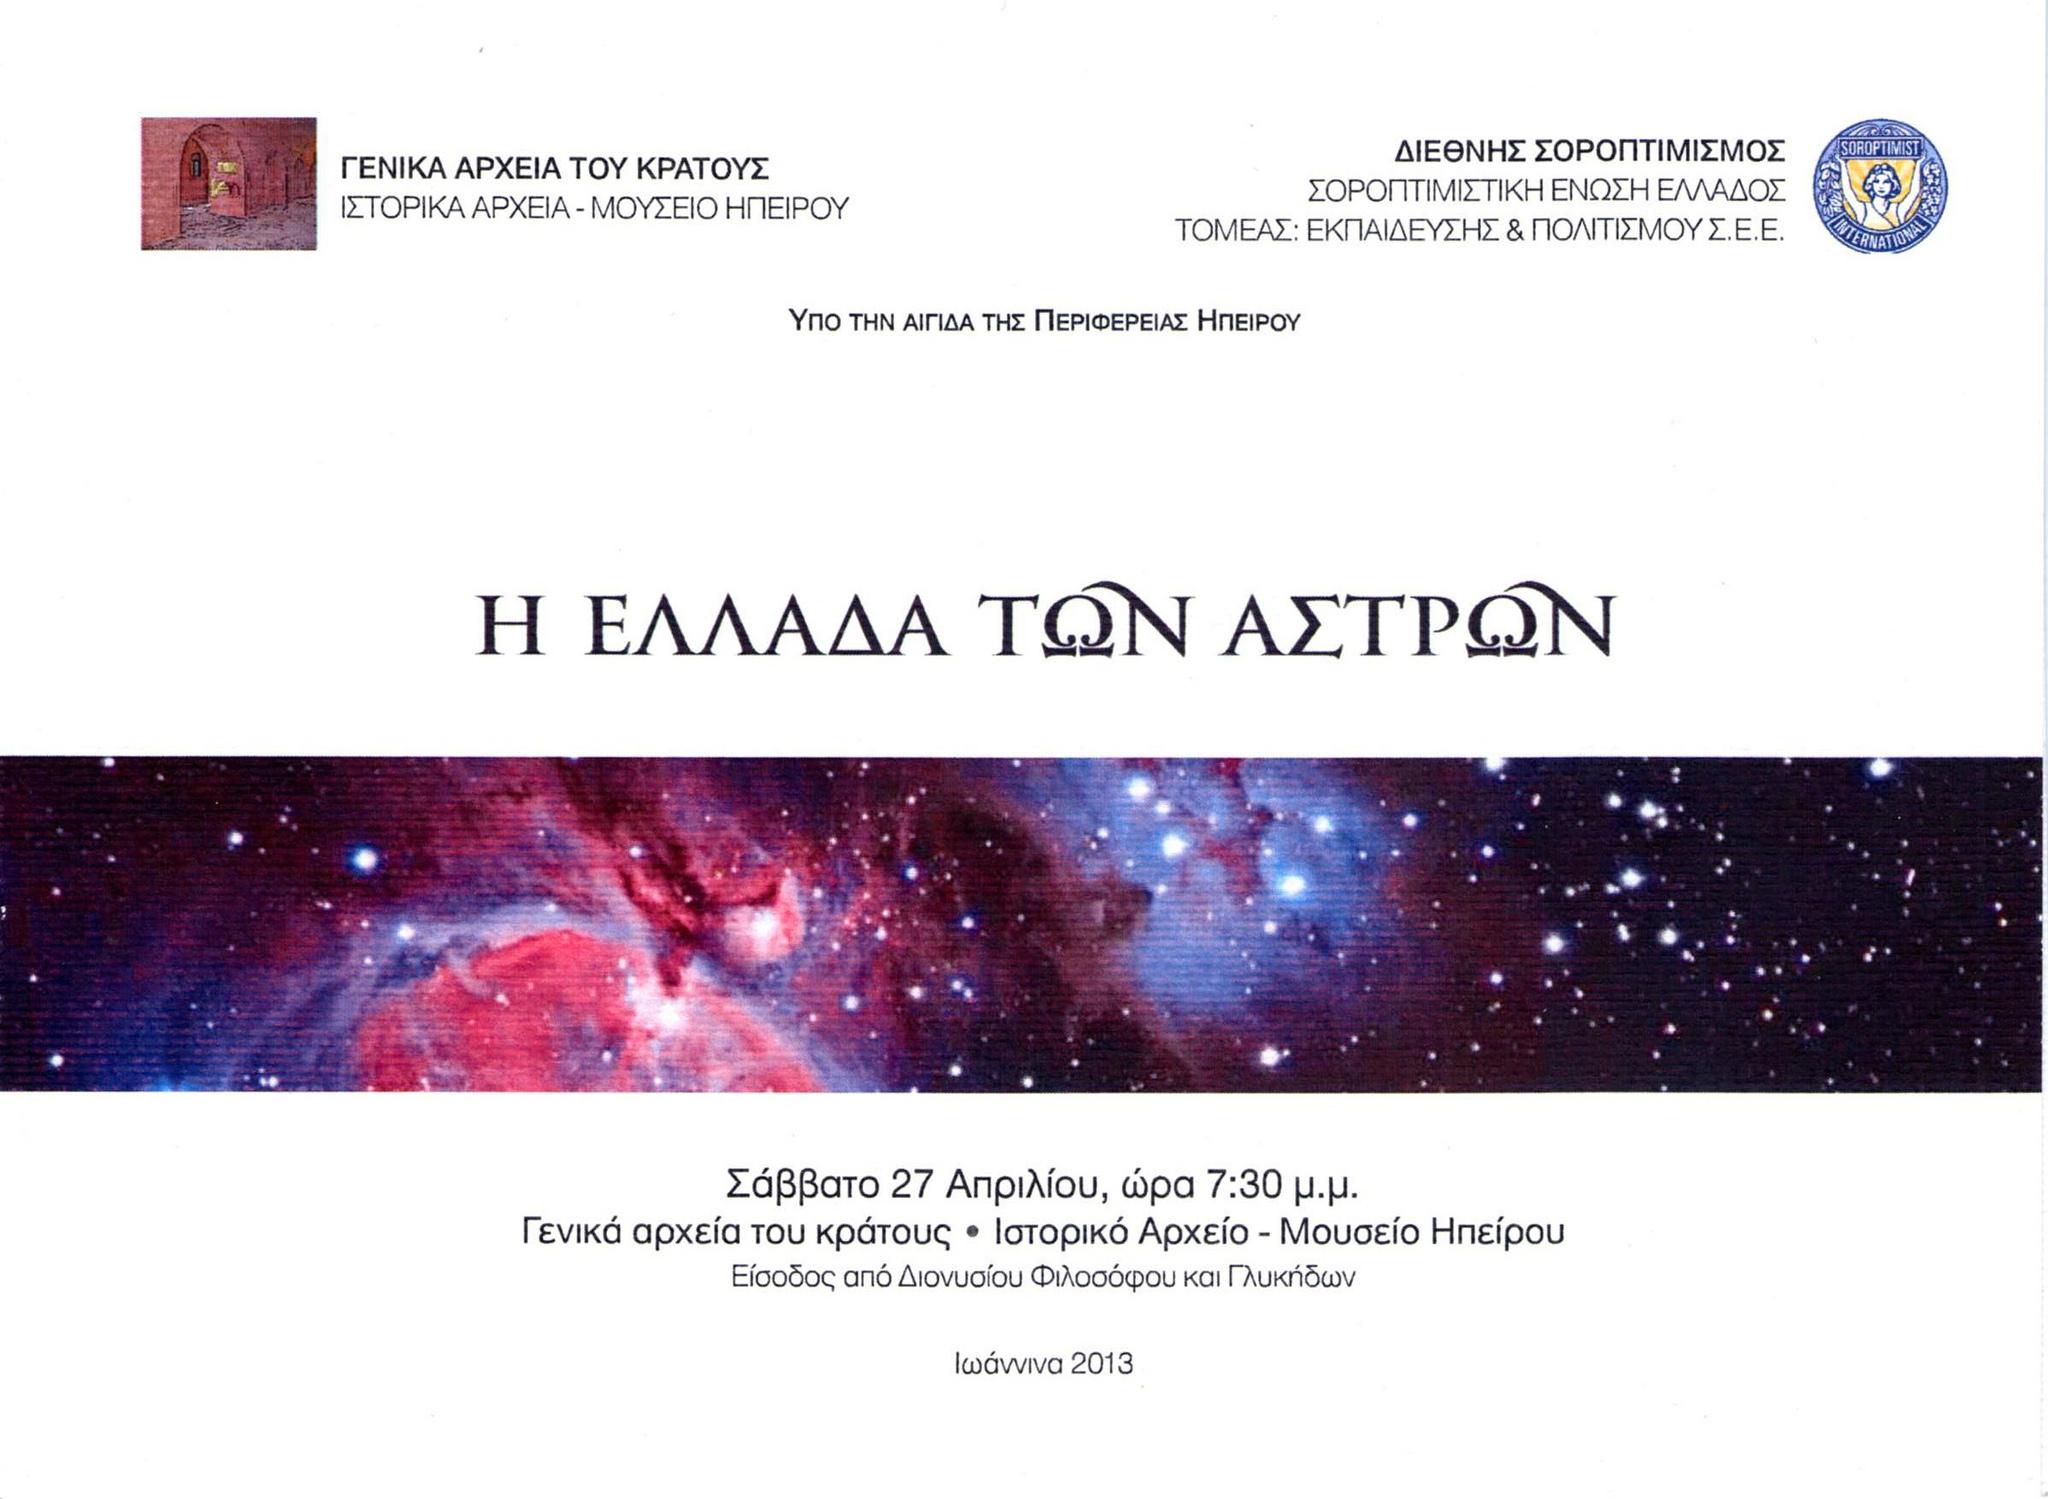 The Greece of Stars Ioannina